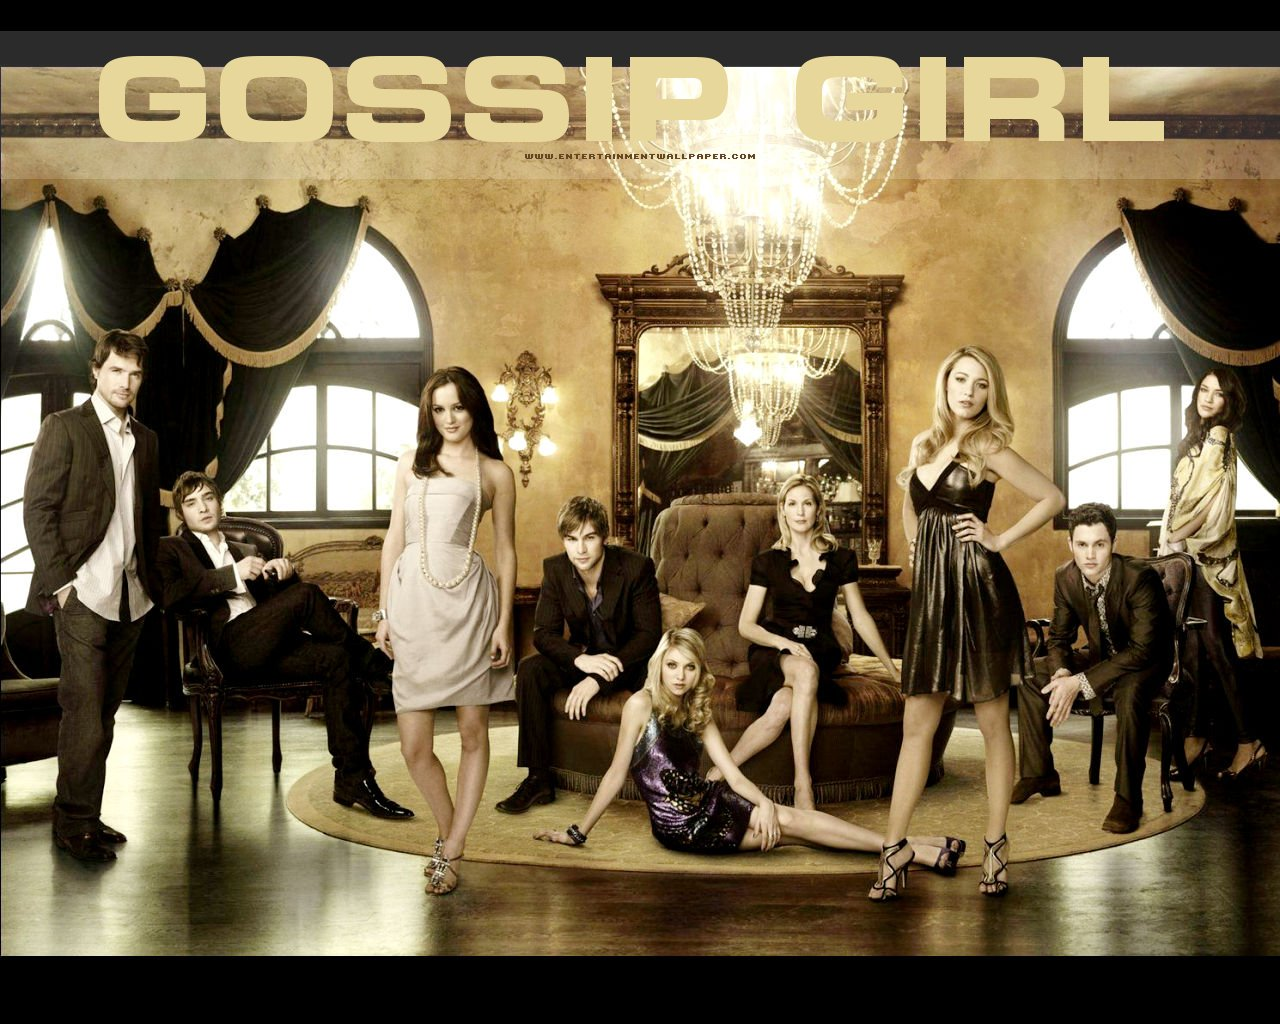 http://1.bp.blogspot.com/-p_JsdjBgivk/TtzQwljAi1I/AAAAAAAAAh4/GGI6271tmTY/s1600/gossip-girl-wallpaper-1-710083.jpg